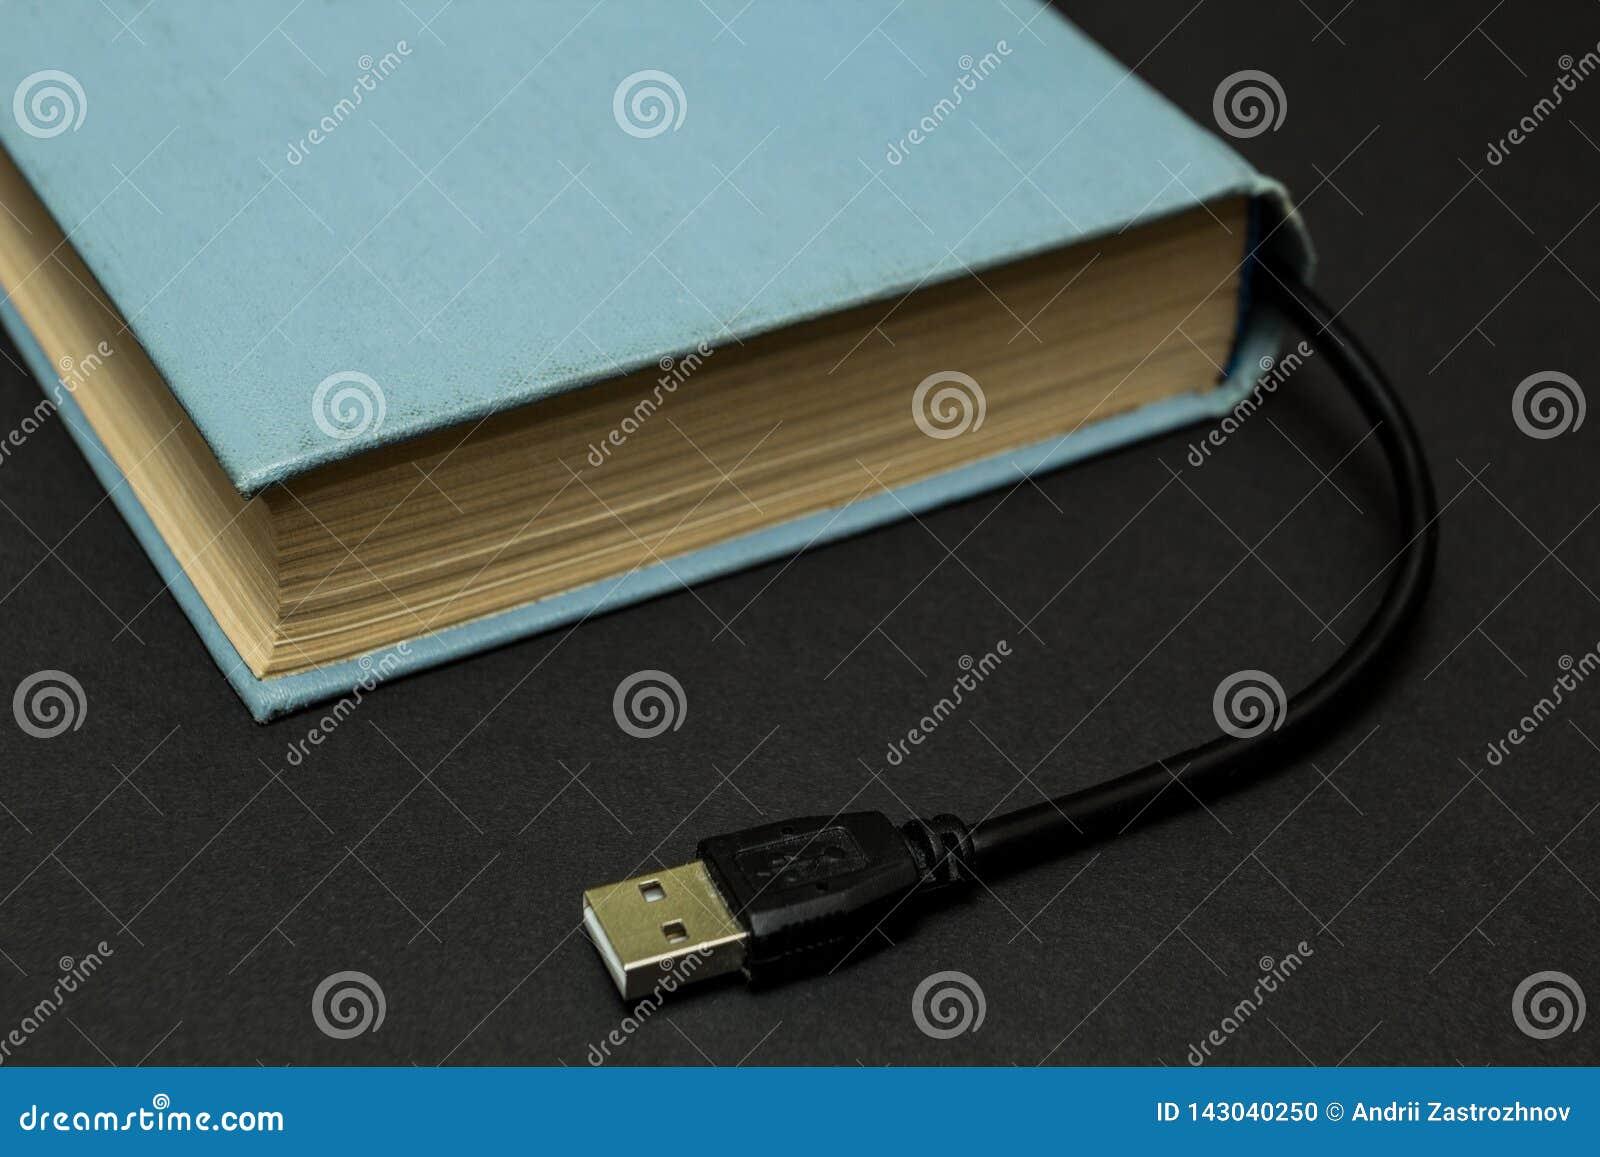 Livro azul com um conector de USB em um fundo preto